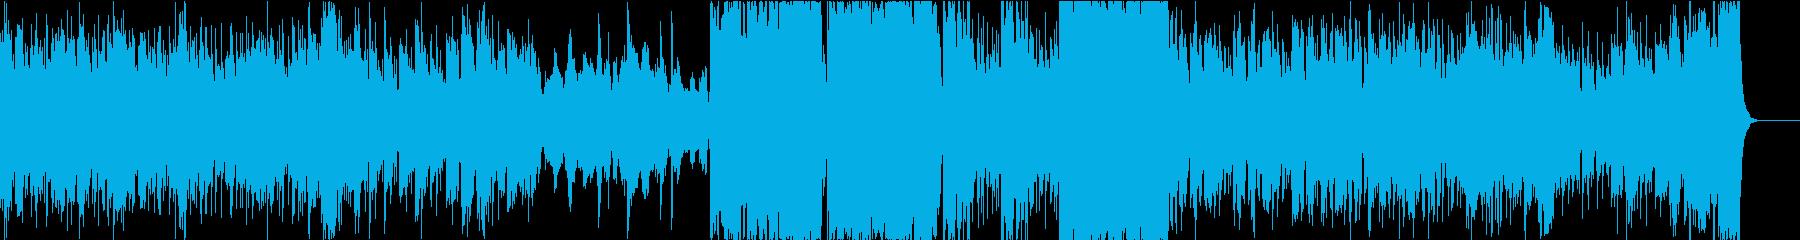 ファンタジックでのどかな雰囲気 の再生済みの波形